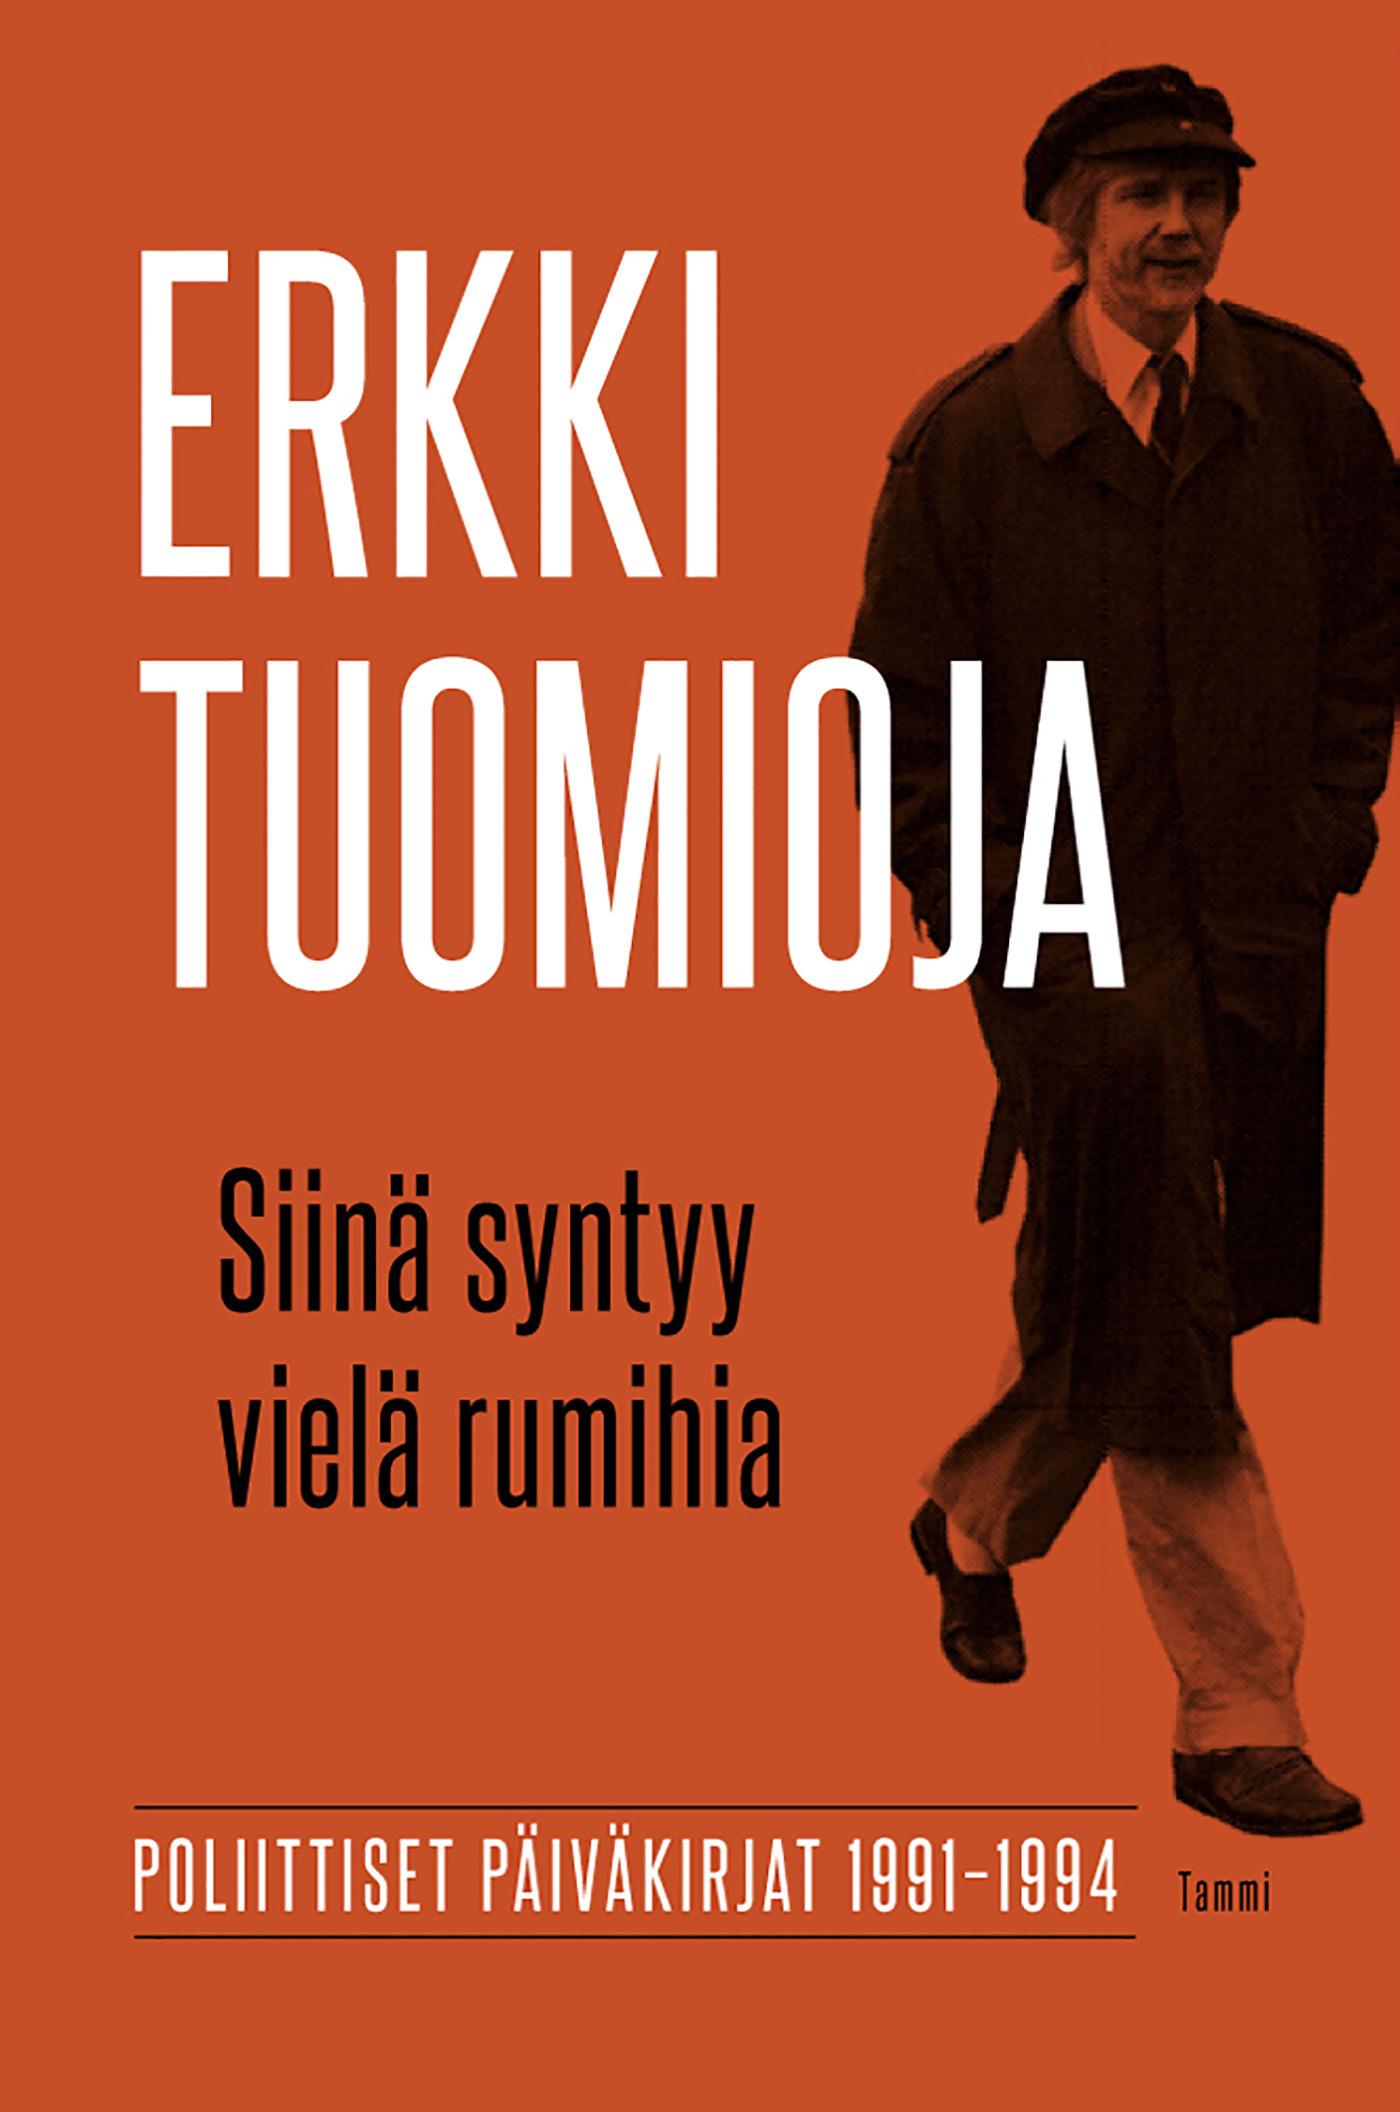 Tuomioja, Erkki - Siinä syntyy vielä rumihia: Poliittiset päiväkirjat 1991-1994, e-kirja